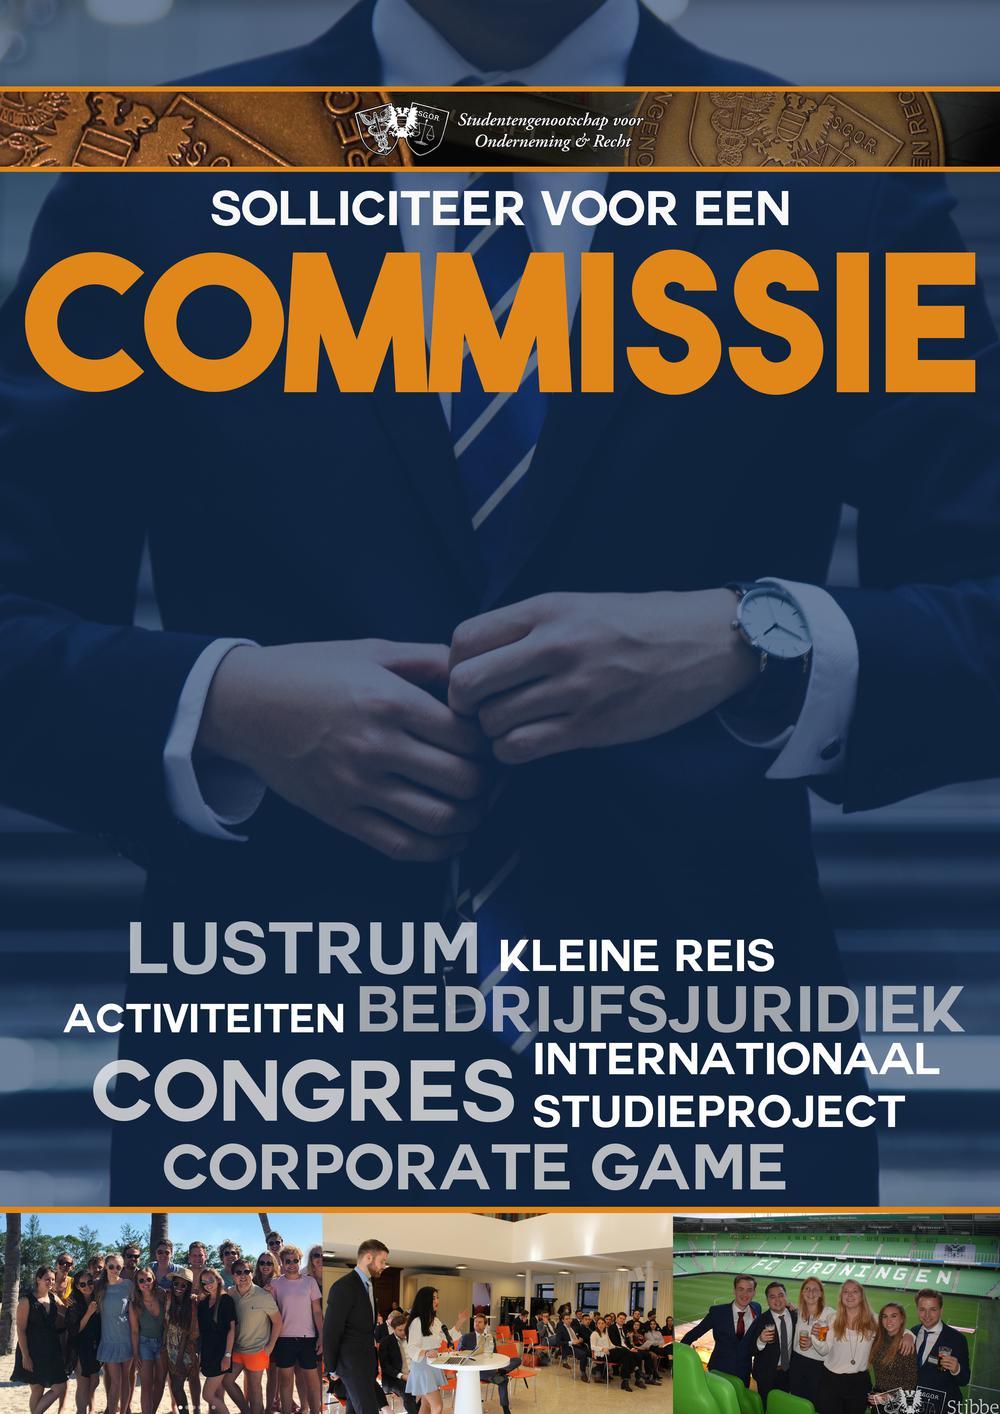 CommissieSollicitaties.jpg